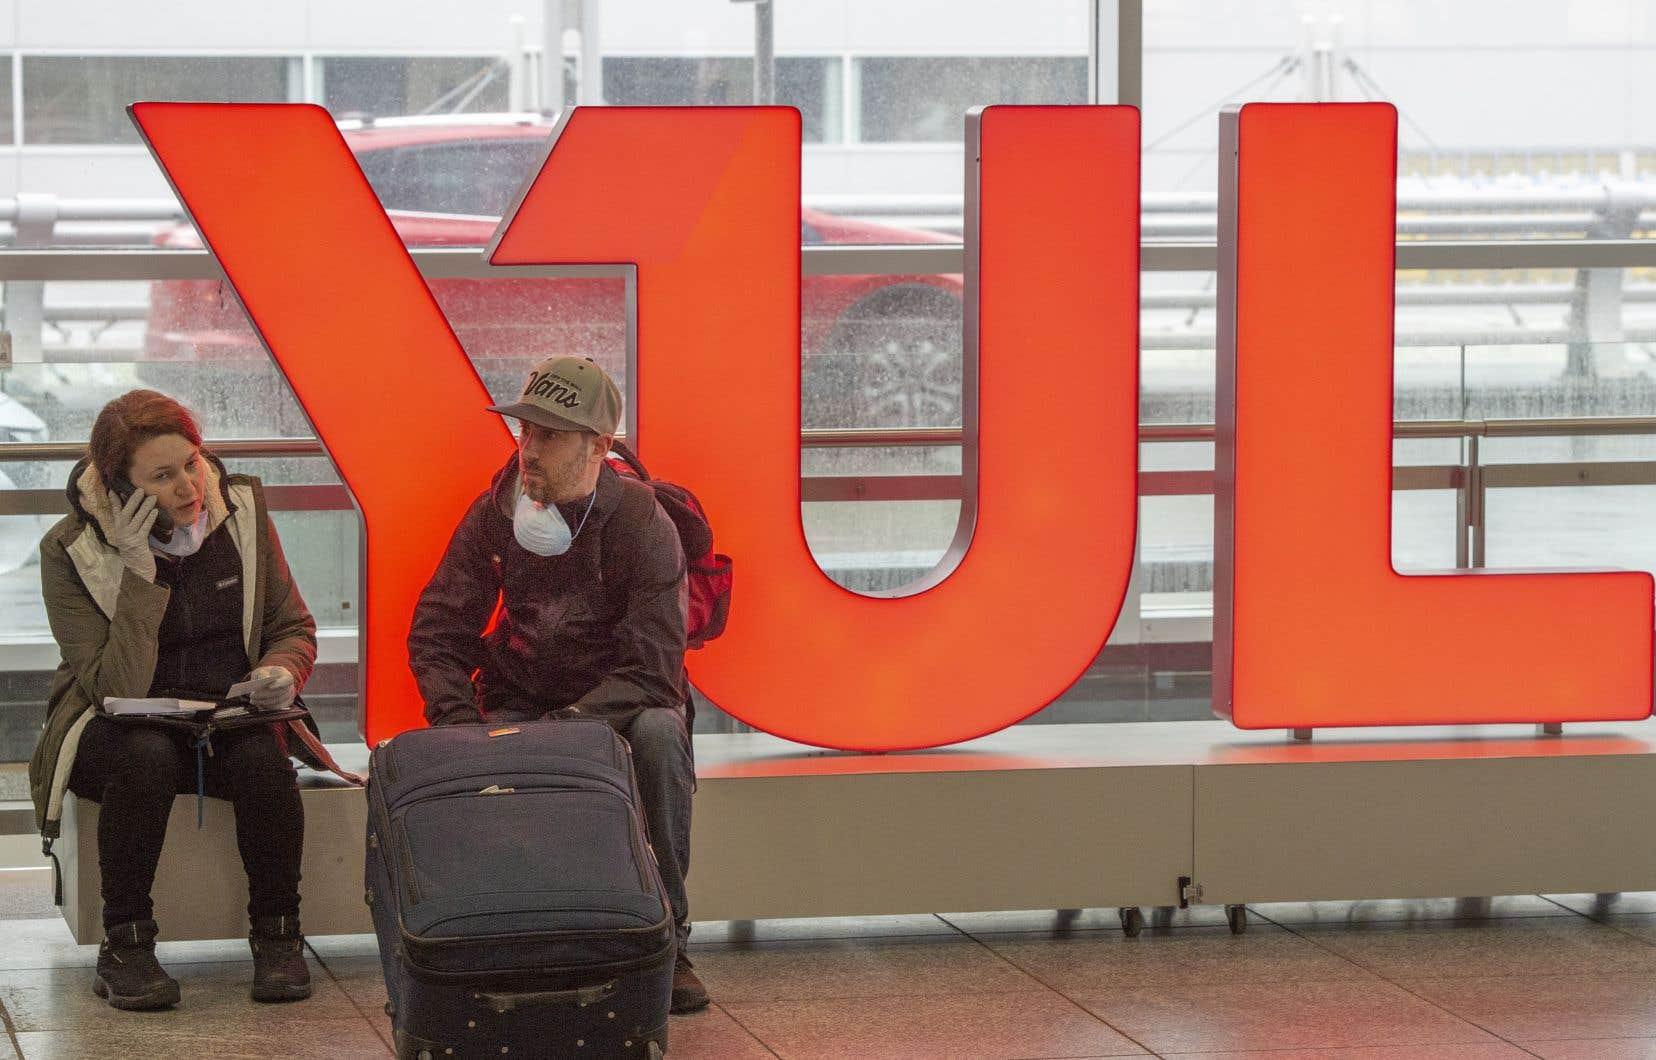 Des passagers en attente à l'aéroport Montréal-Trudeau.